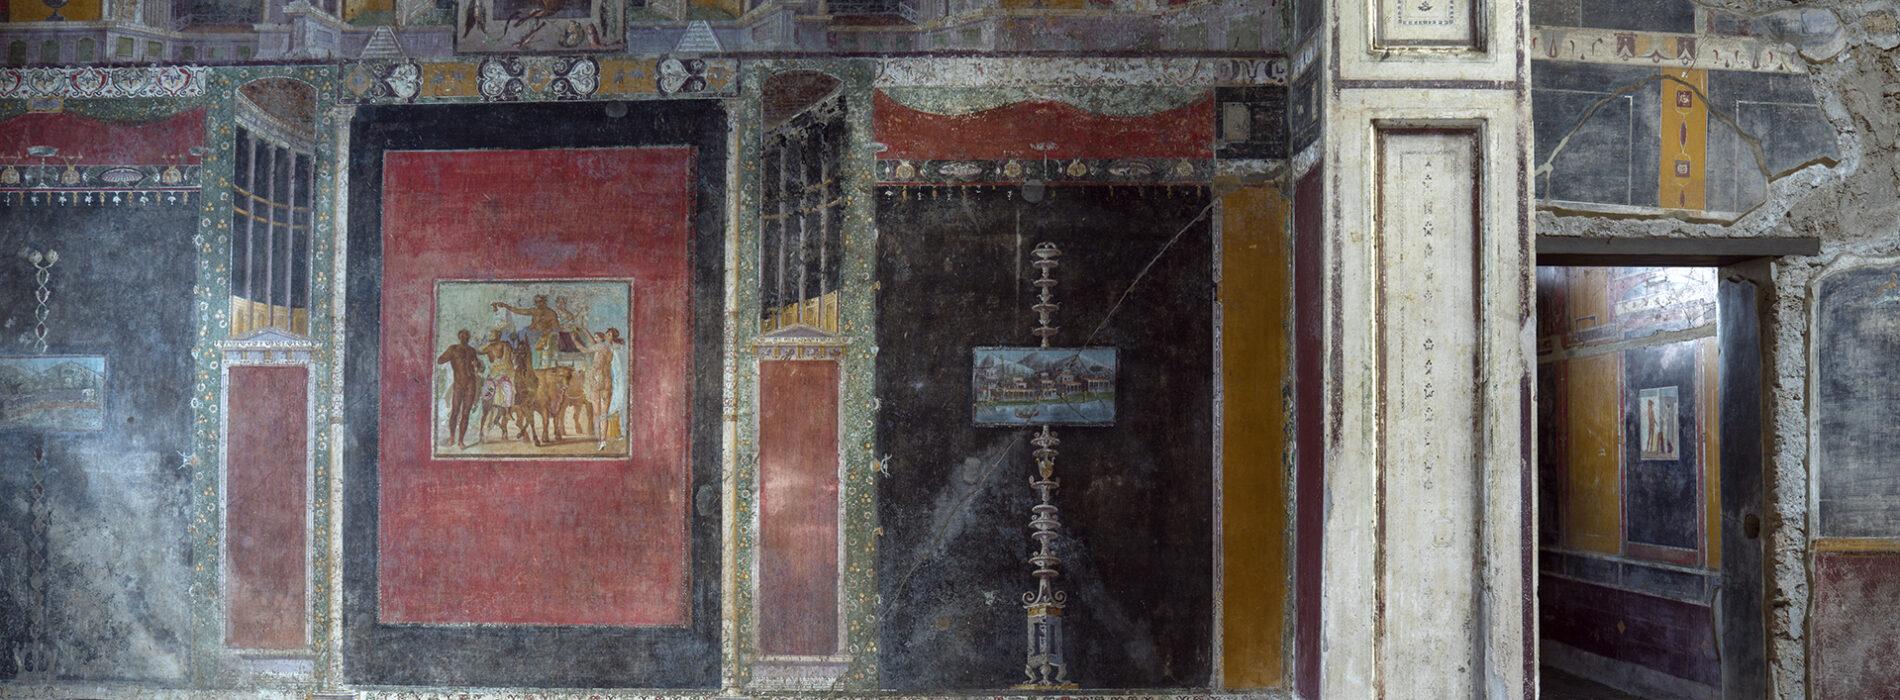 Pompei svelata, il fotografo Luigi Spina entrerà in ogni domus